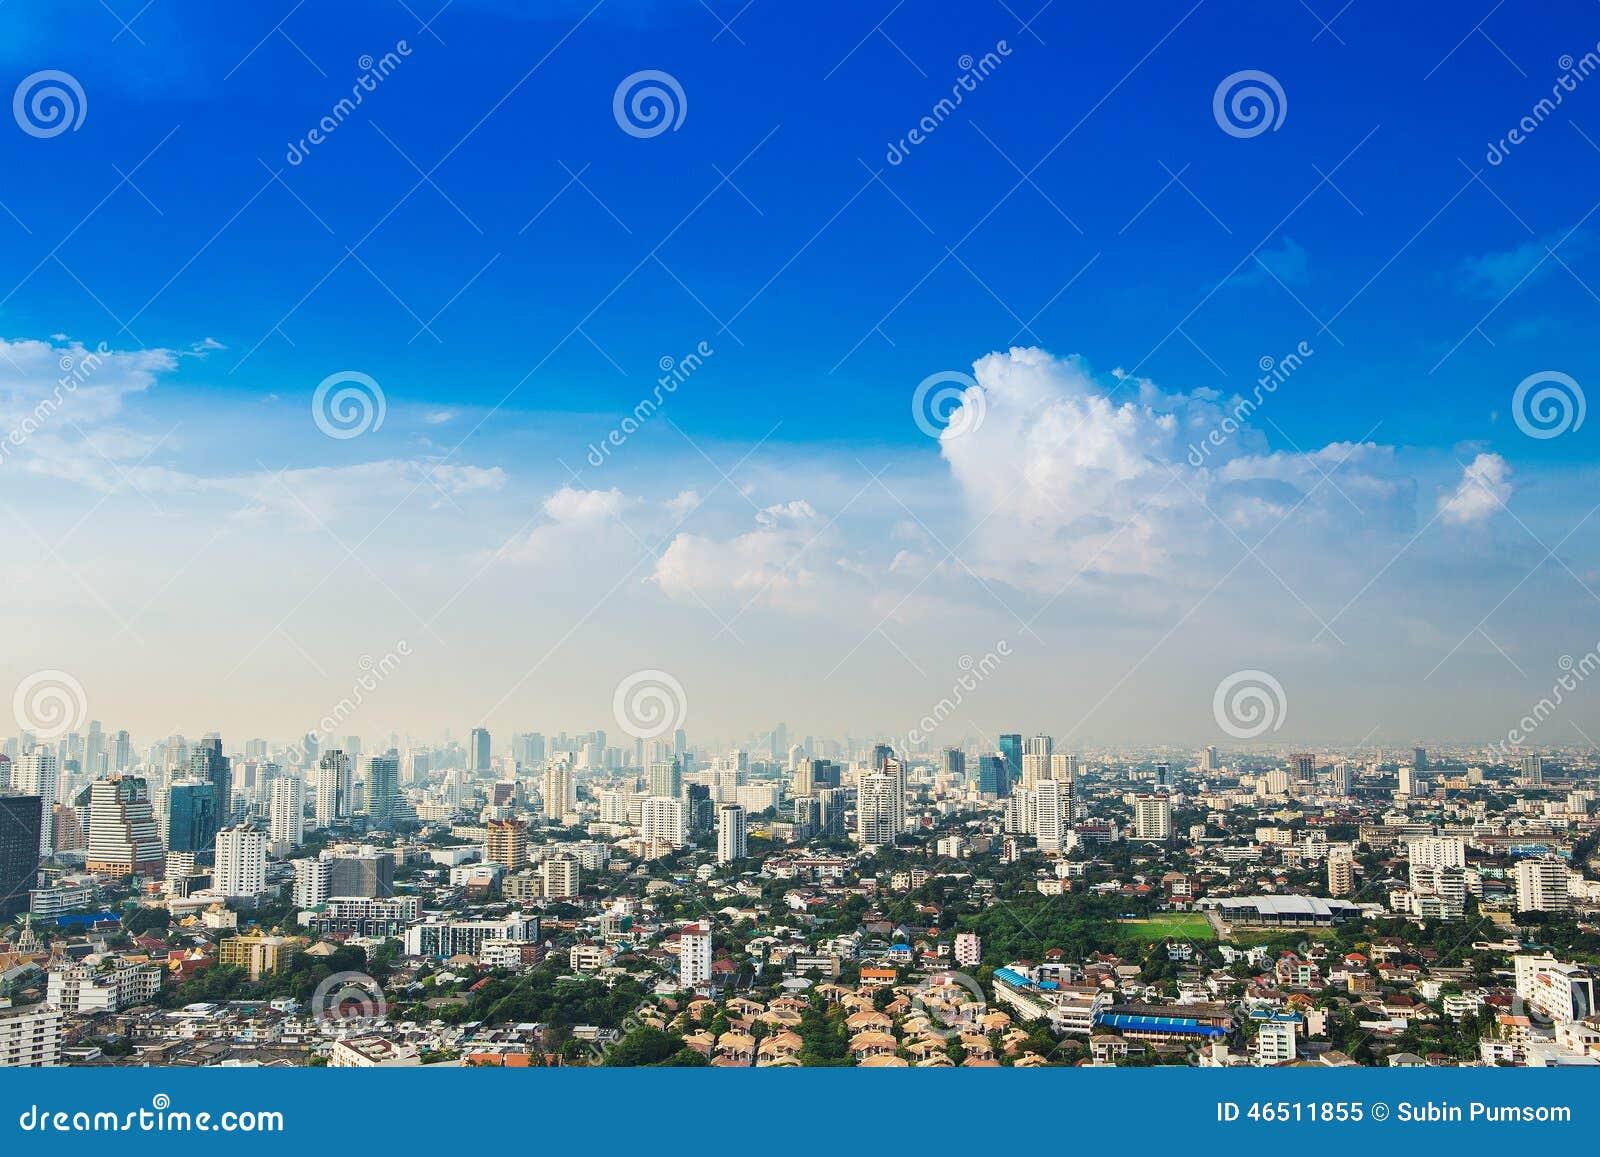 Μητρόπολη της Μπανγκόκ, εναέρια άποψη πέρα από τη μεγαλύτερη πόλη